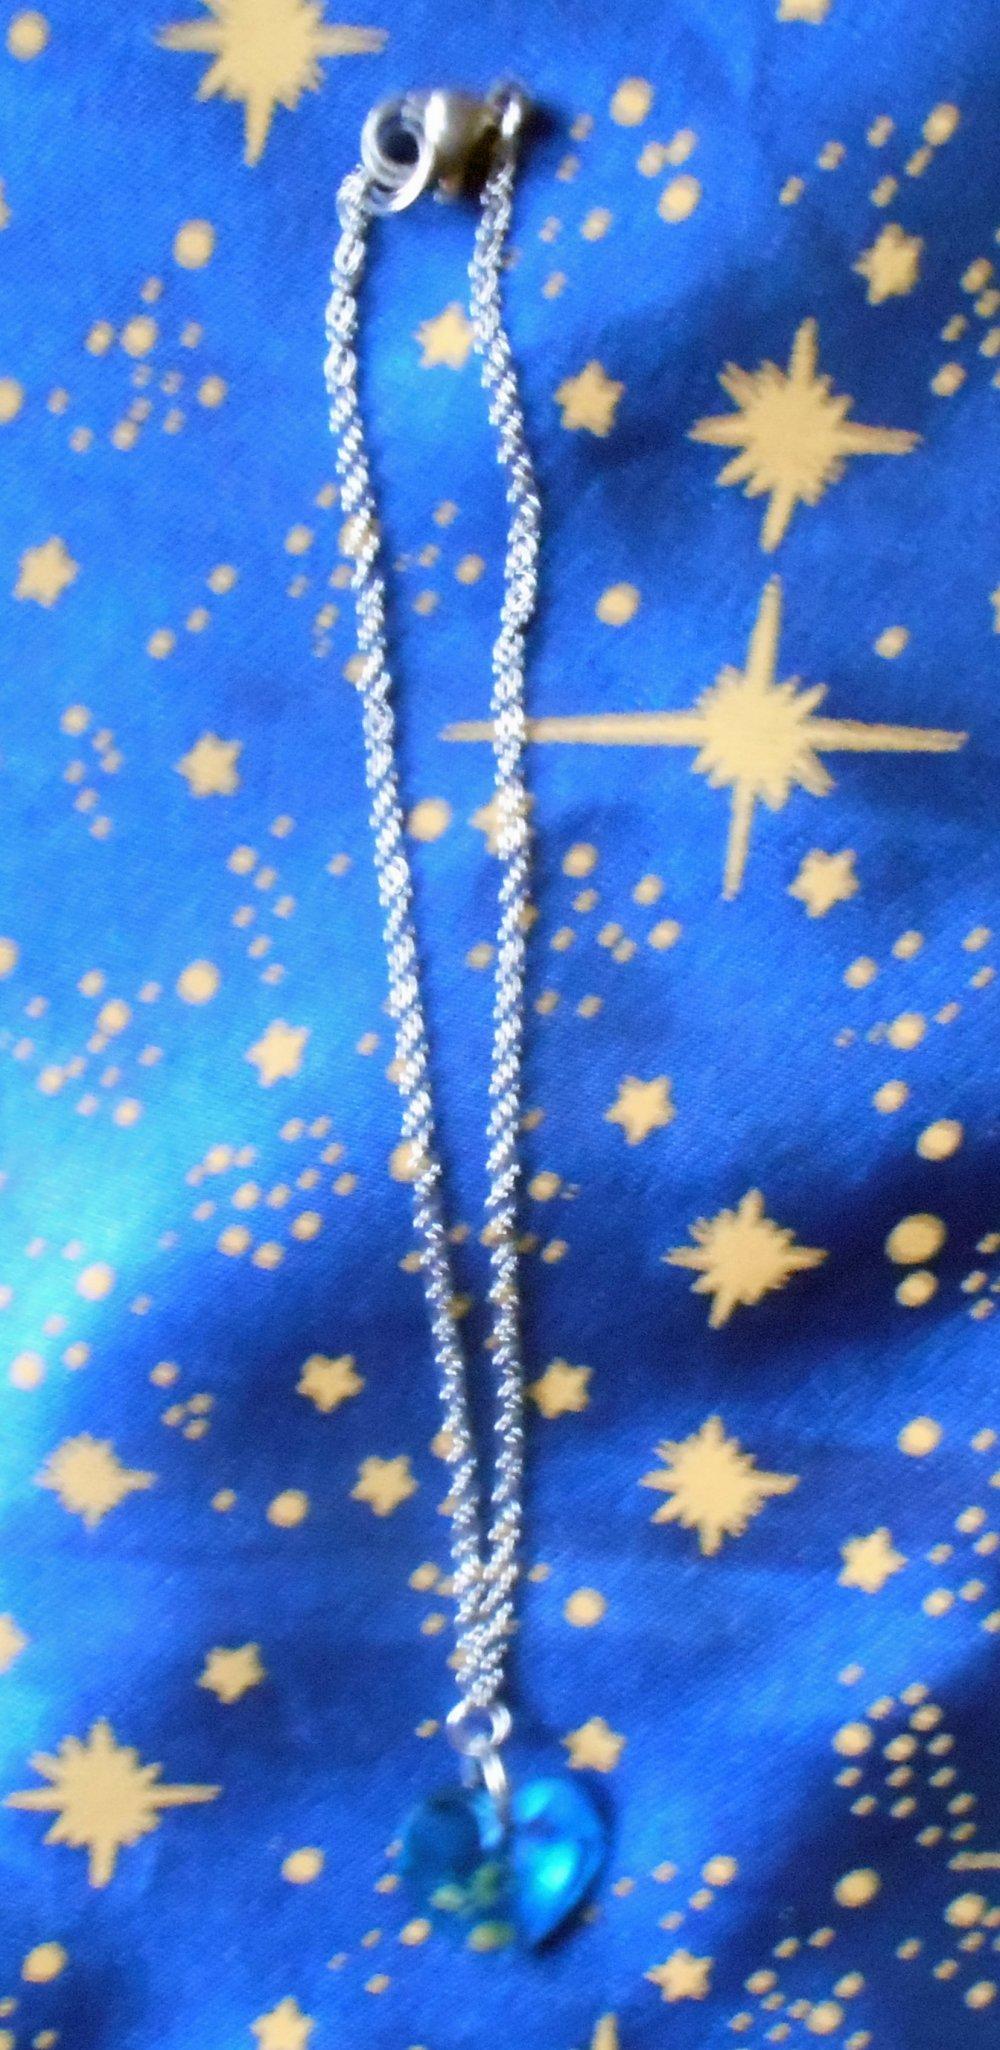 Chaîne de cheville en inox avec cristal de swarovski forme coeur turquoise de 12mm.